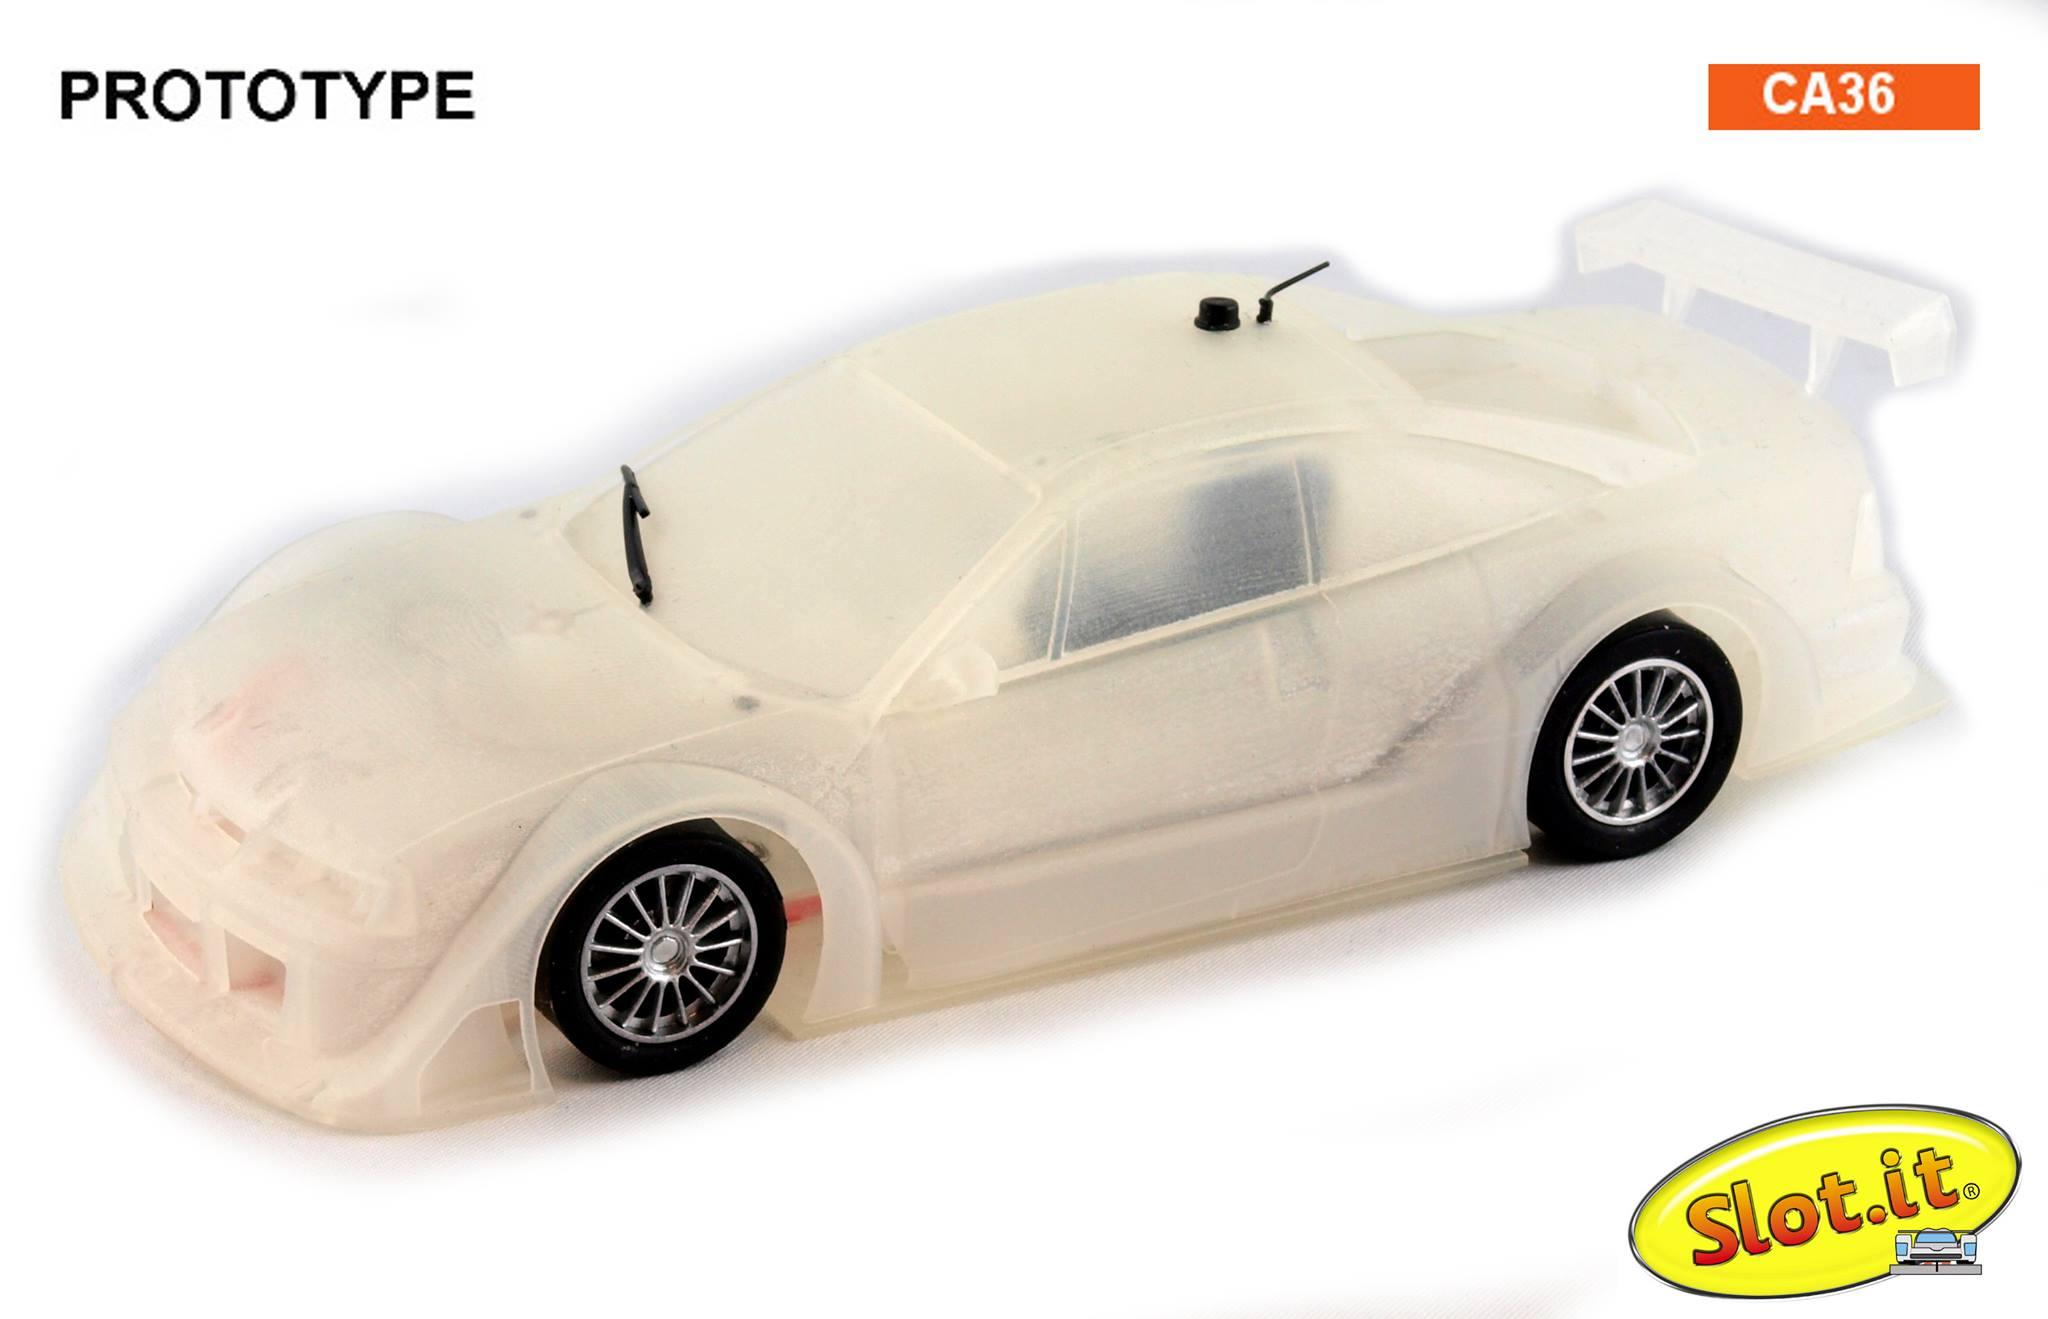 Opel Calibra Classic DTM 3D Prototype - CA36